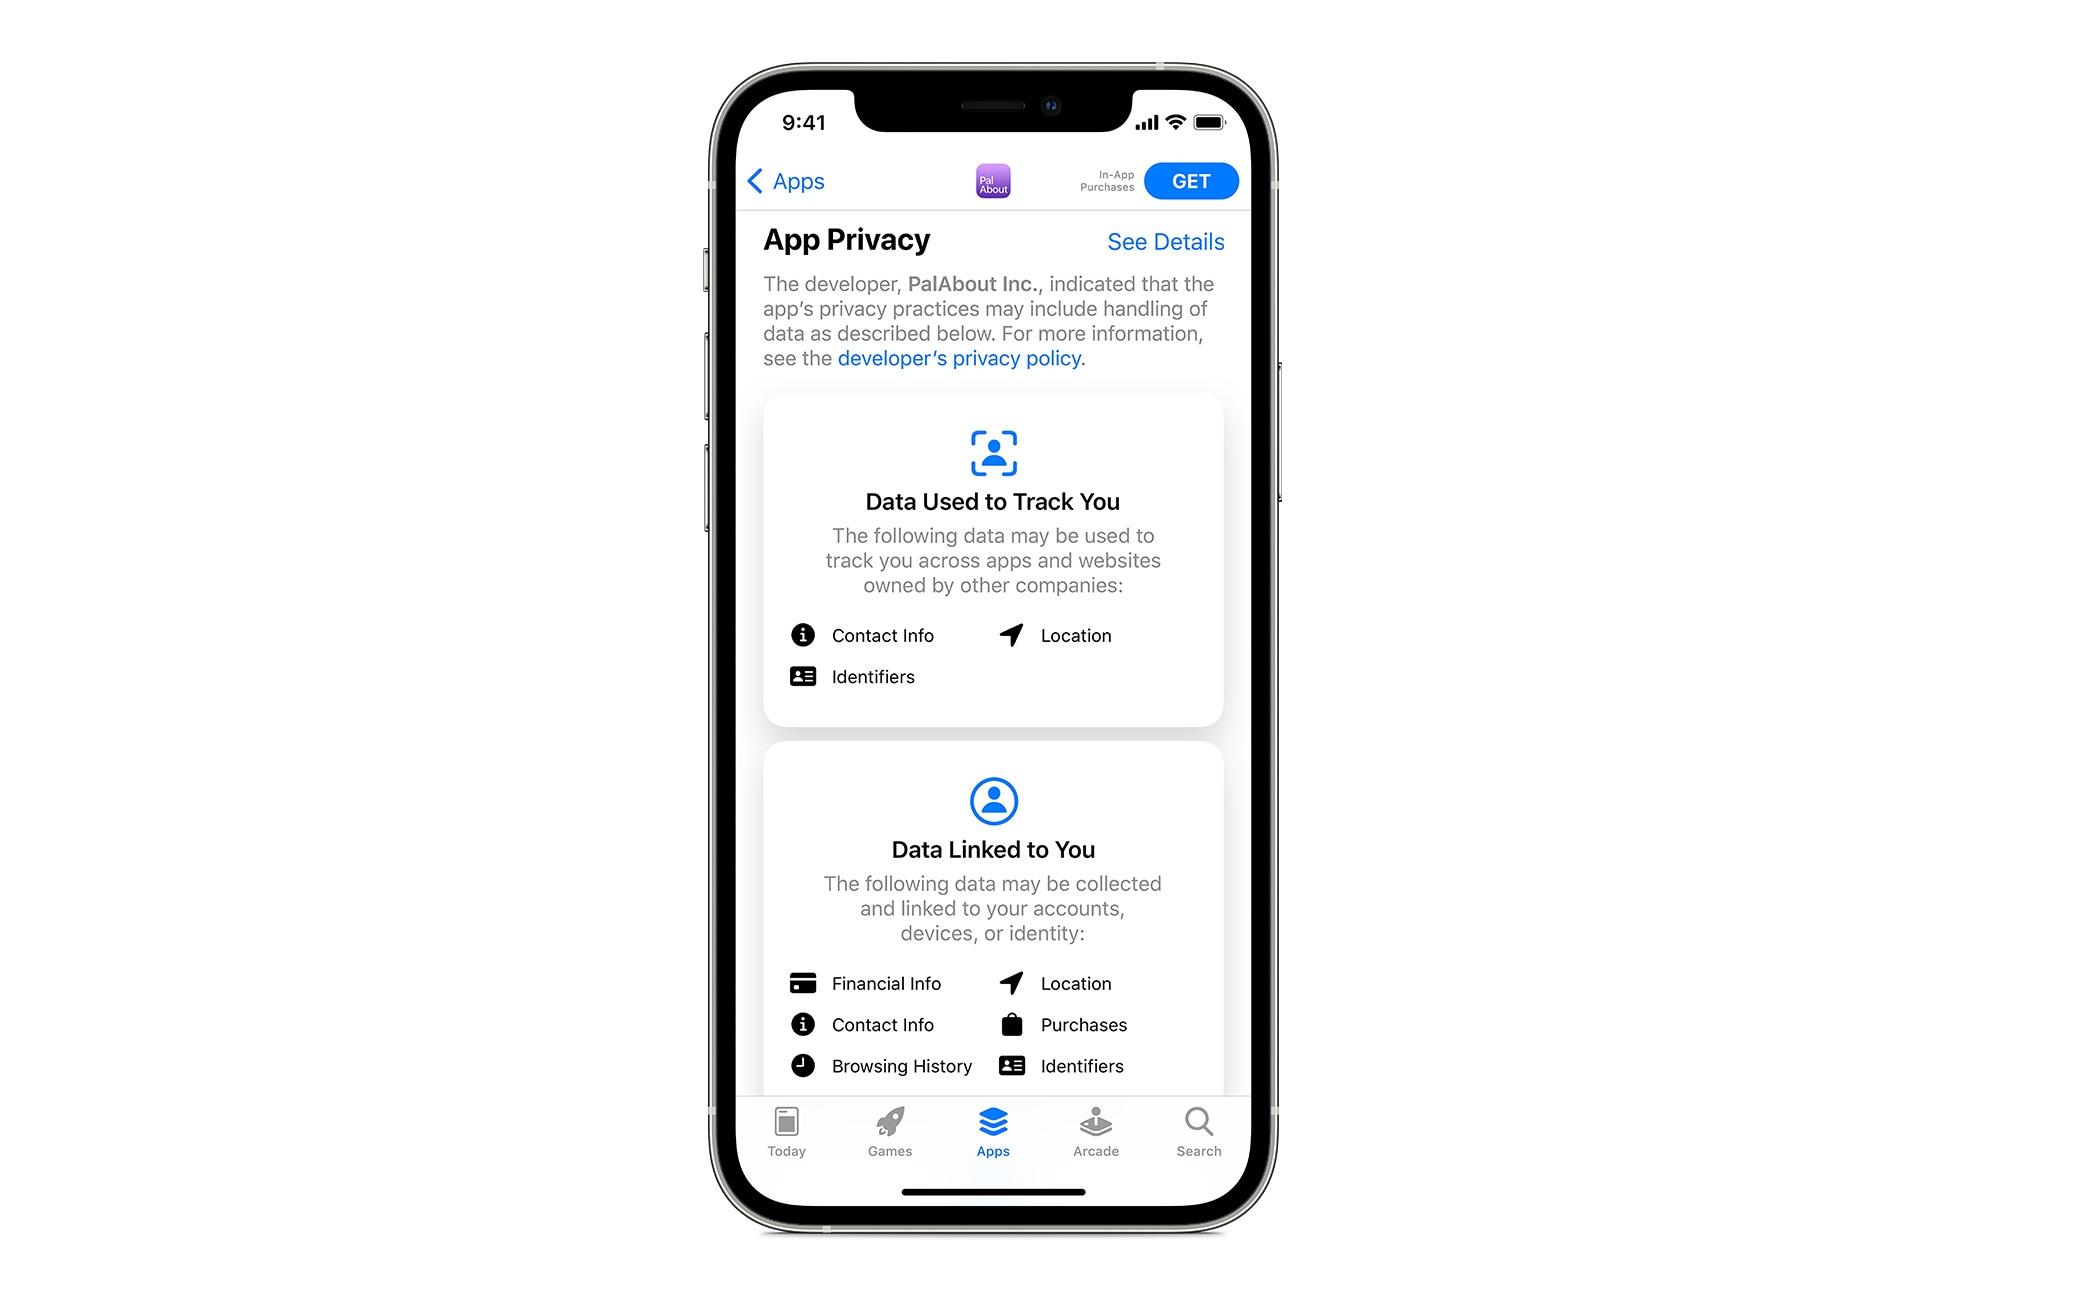 La nuova sezione dell'App Store dedicata alla privacy di ogni singola app